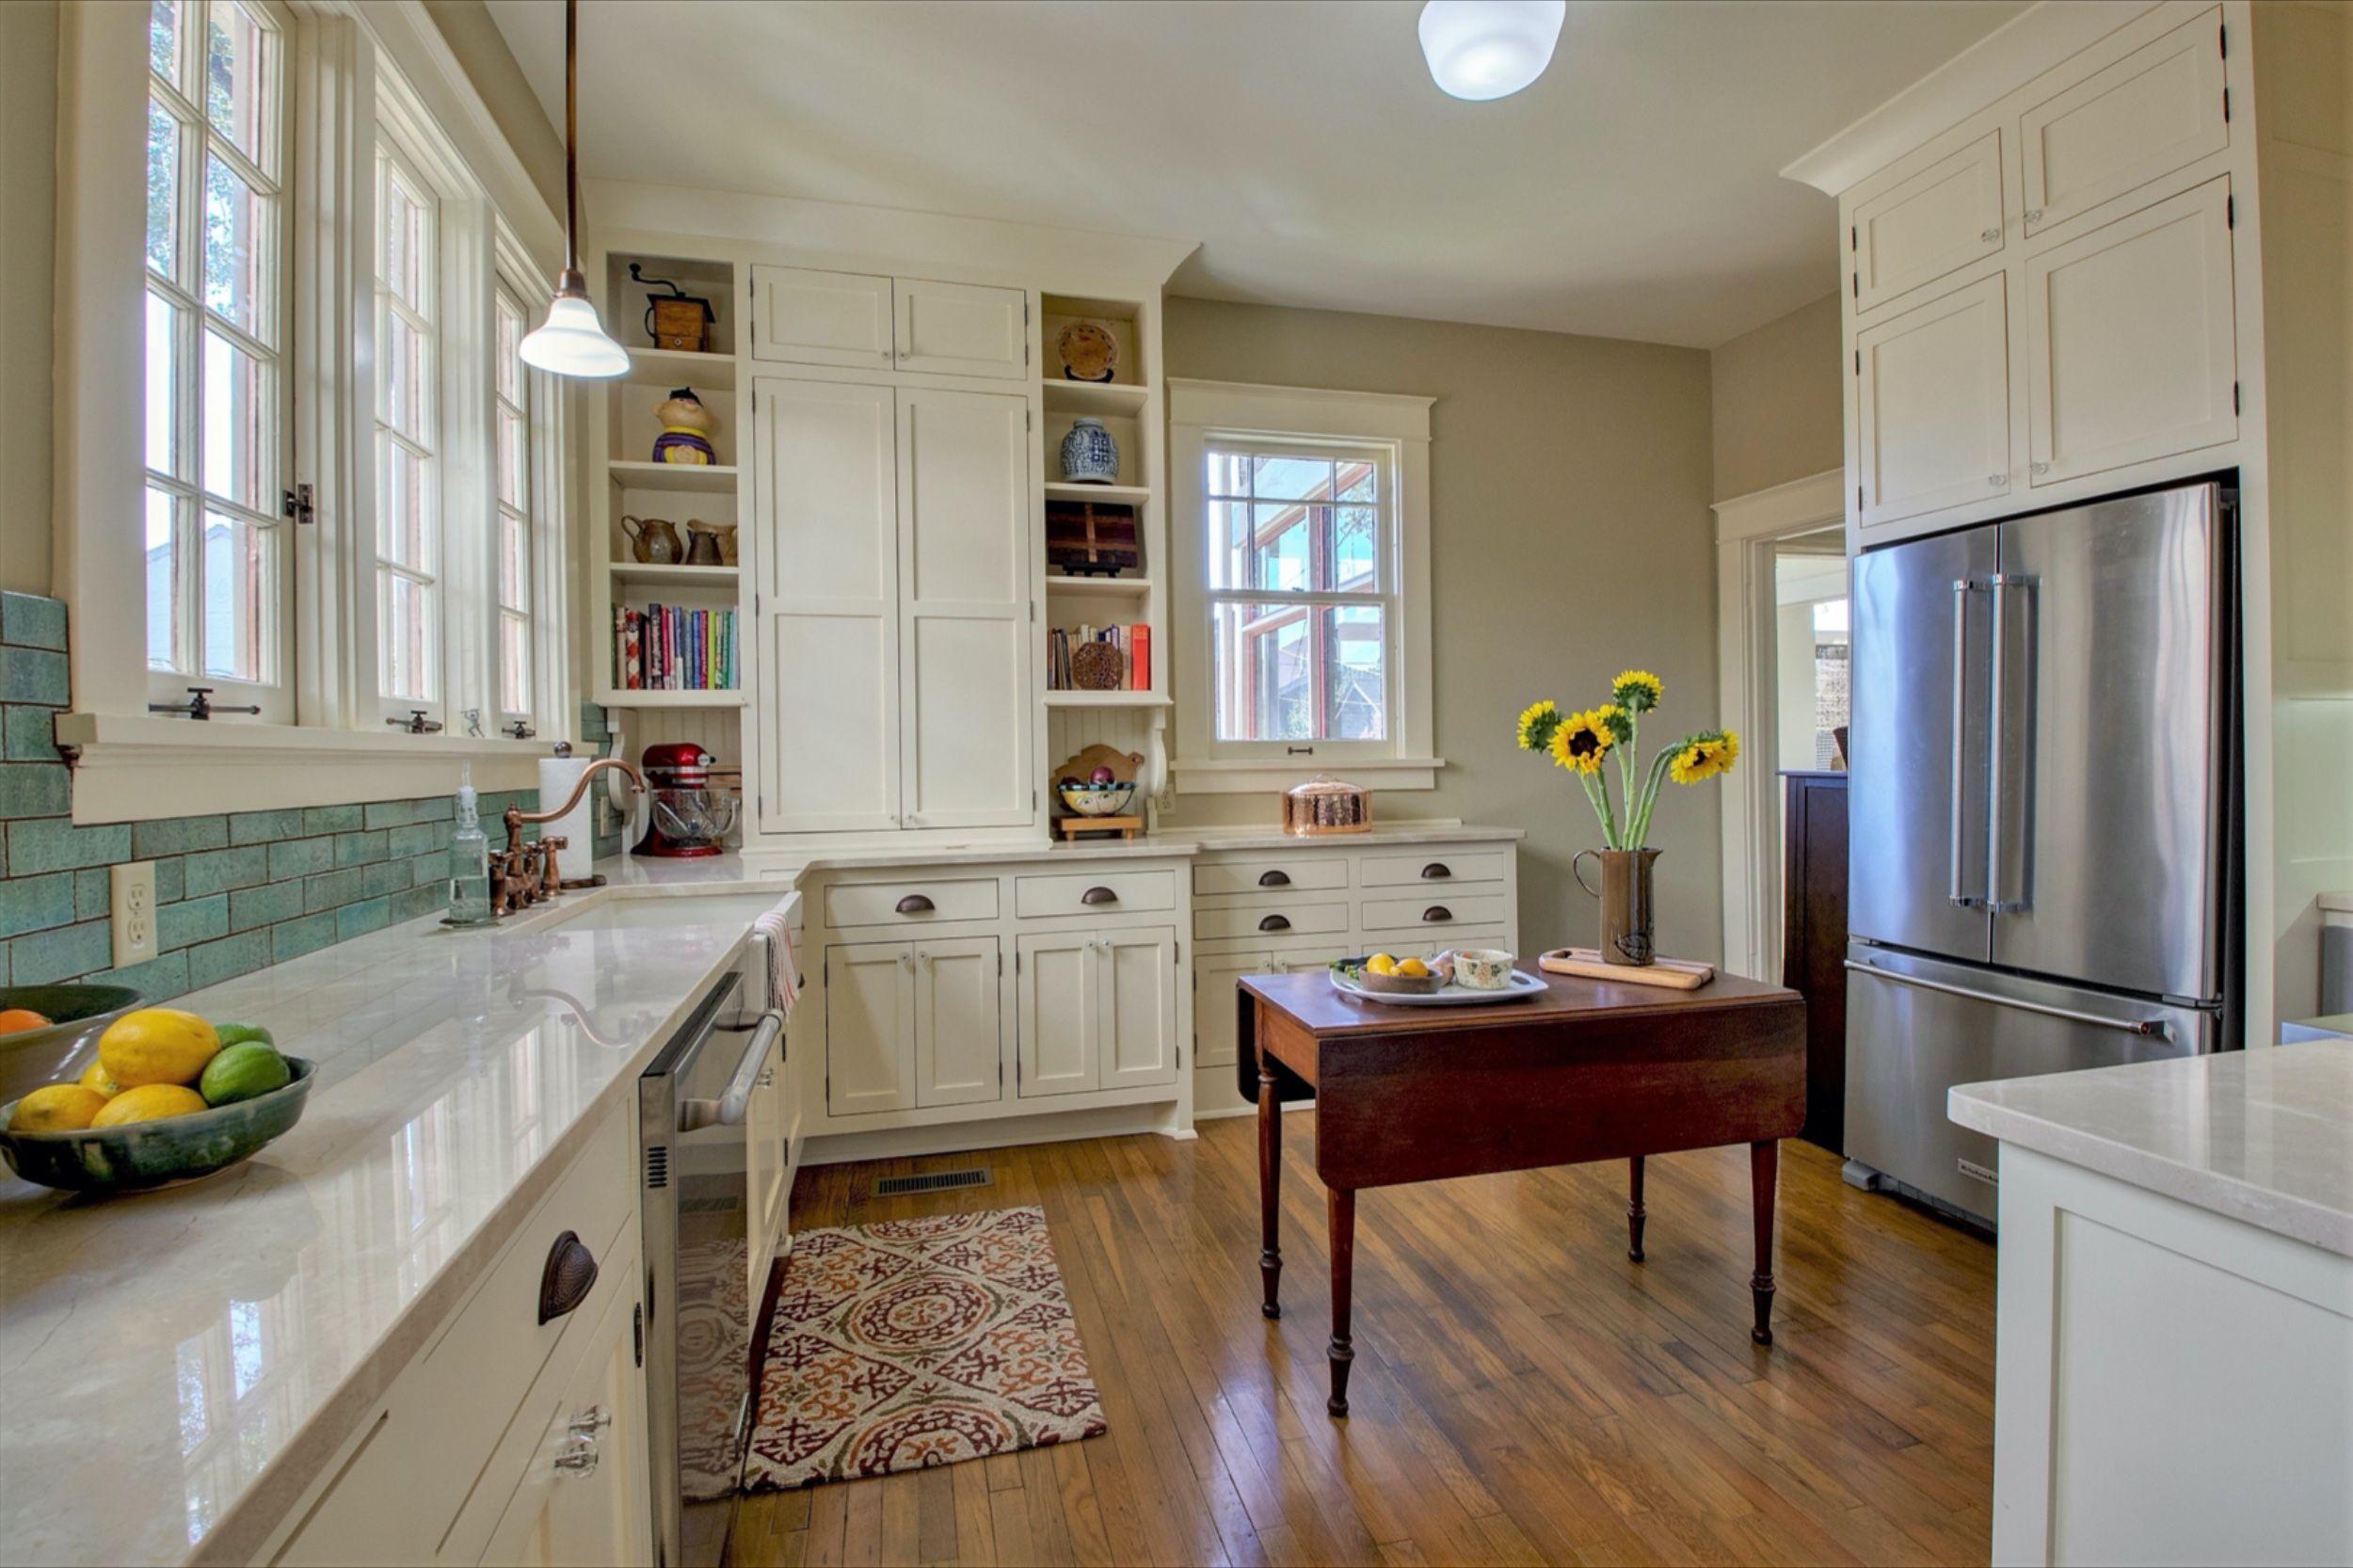 1910 Kitchen In 2020 Modern Farmhouse Kitchens New Kitchen Designs Kitchen